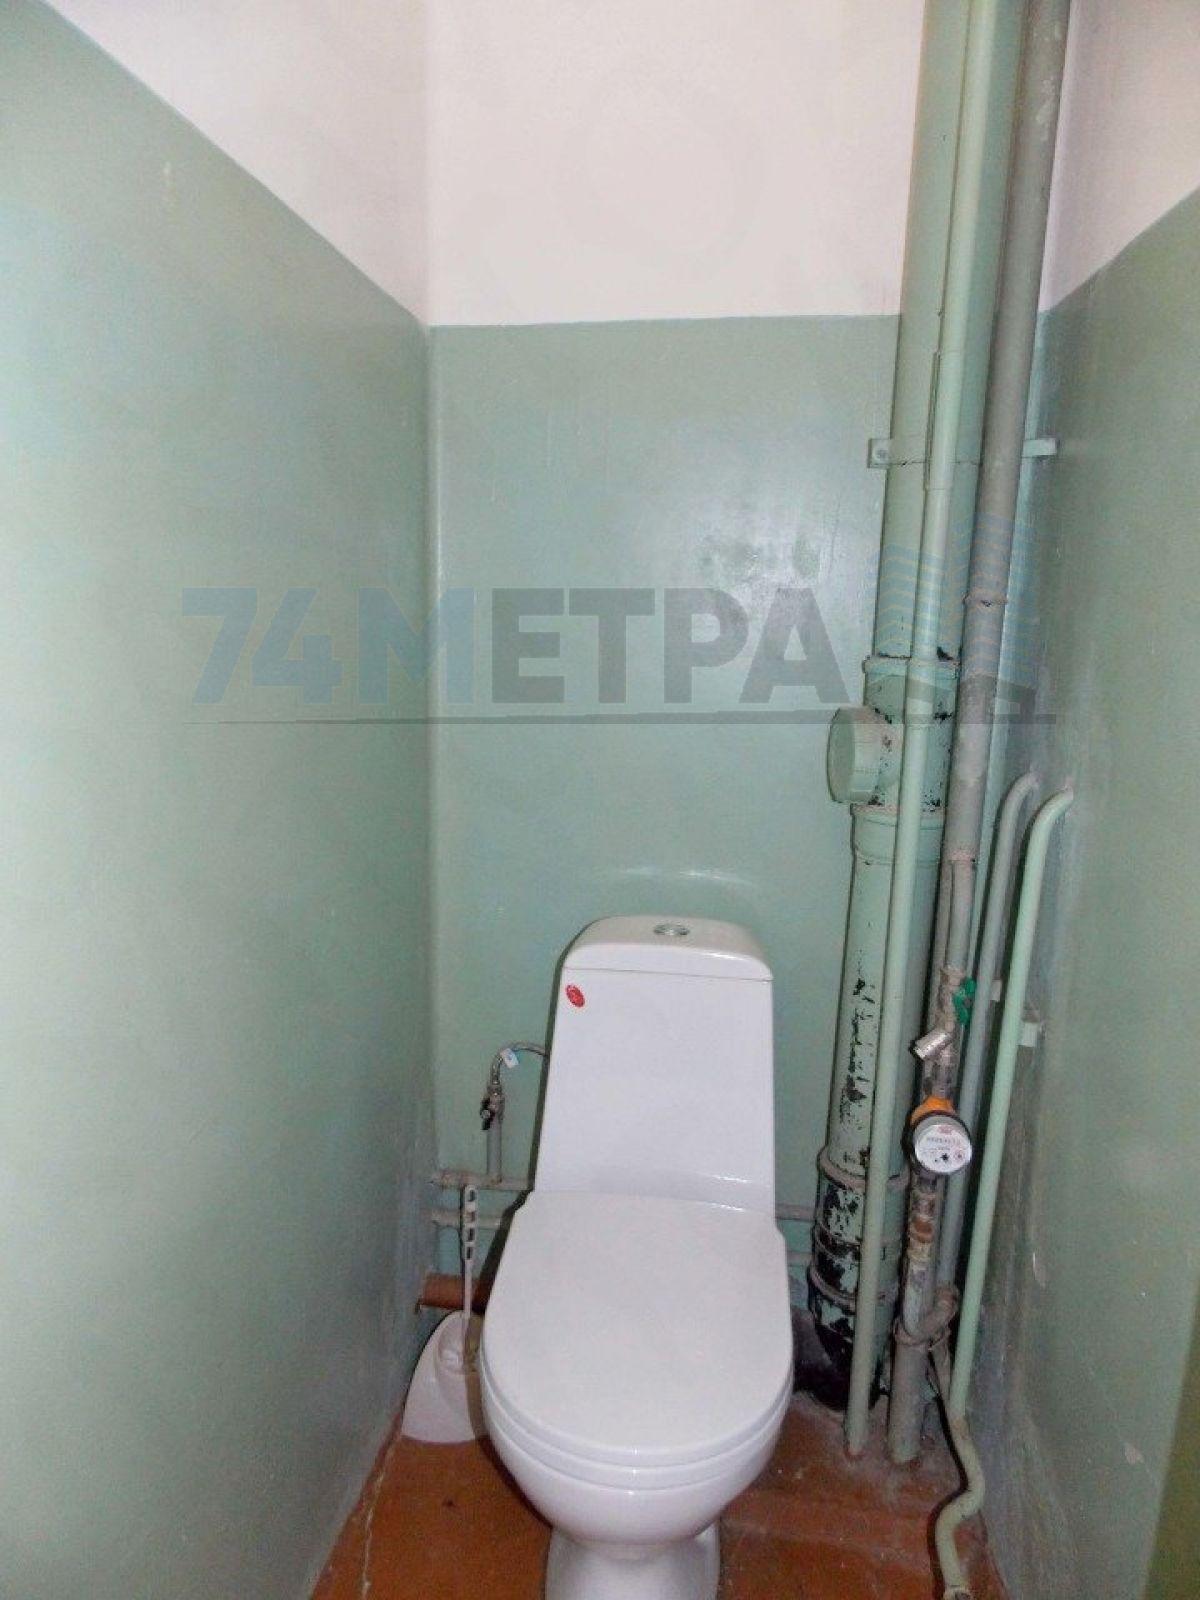 10 000 ₽, 1 - комнатная квартира, площадь 43 м², этаж 4/10